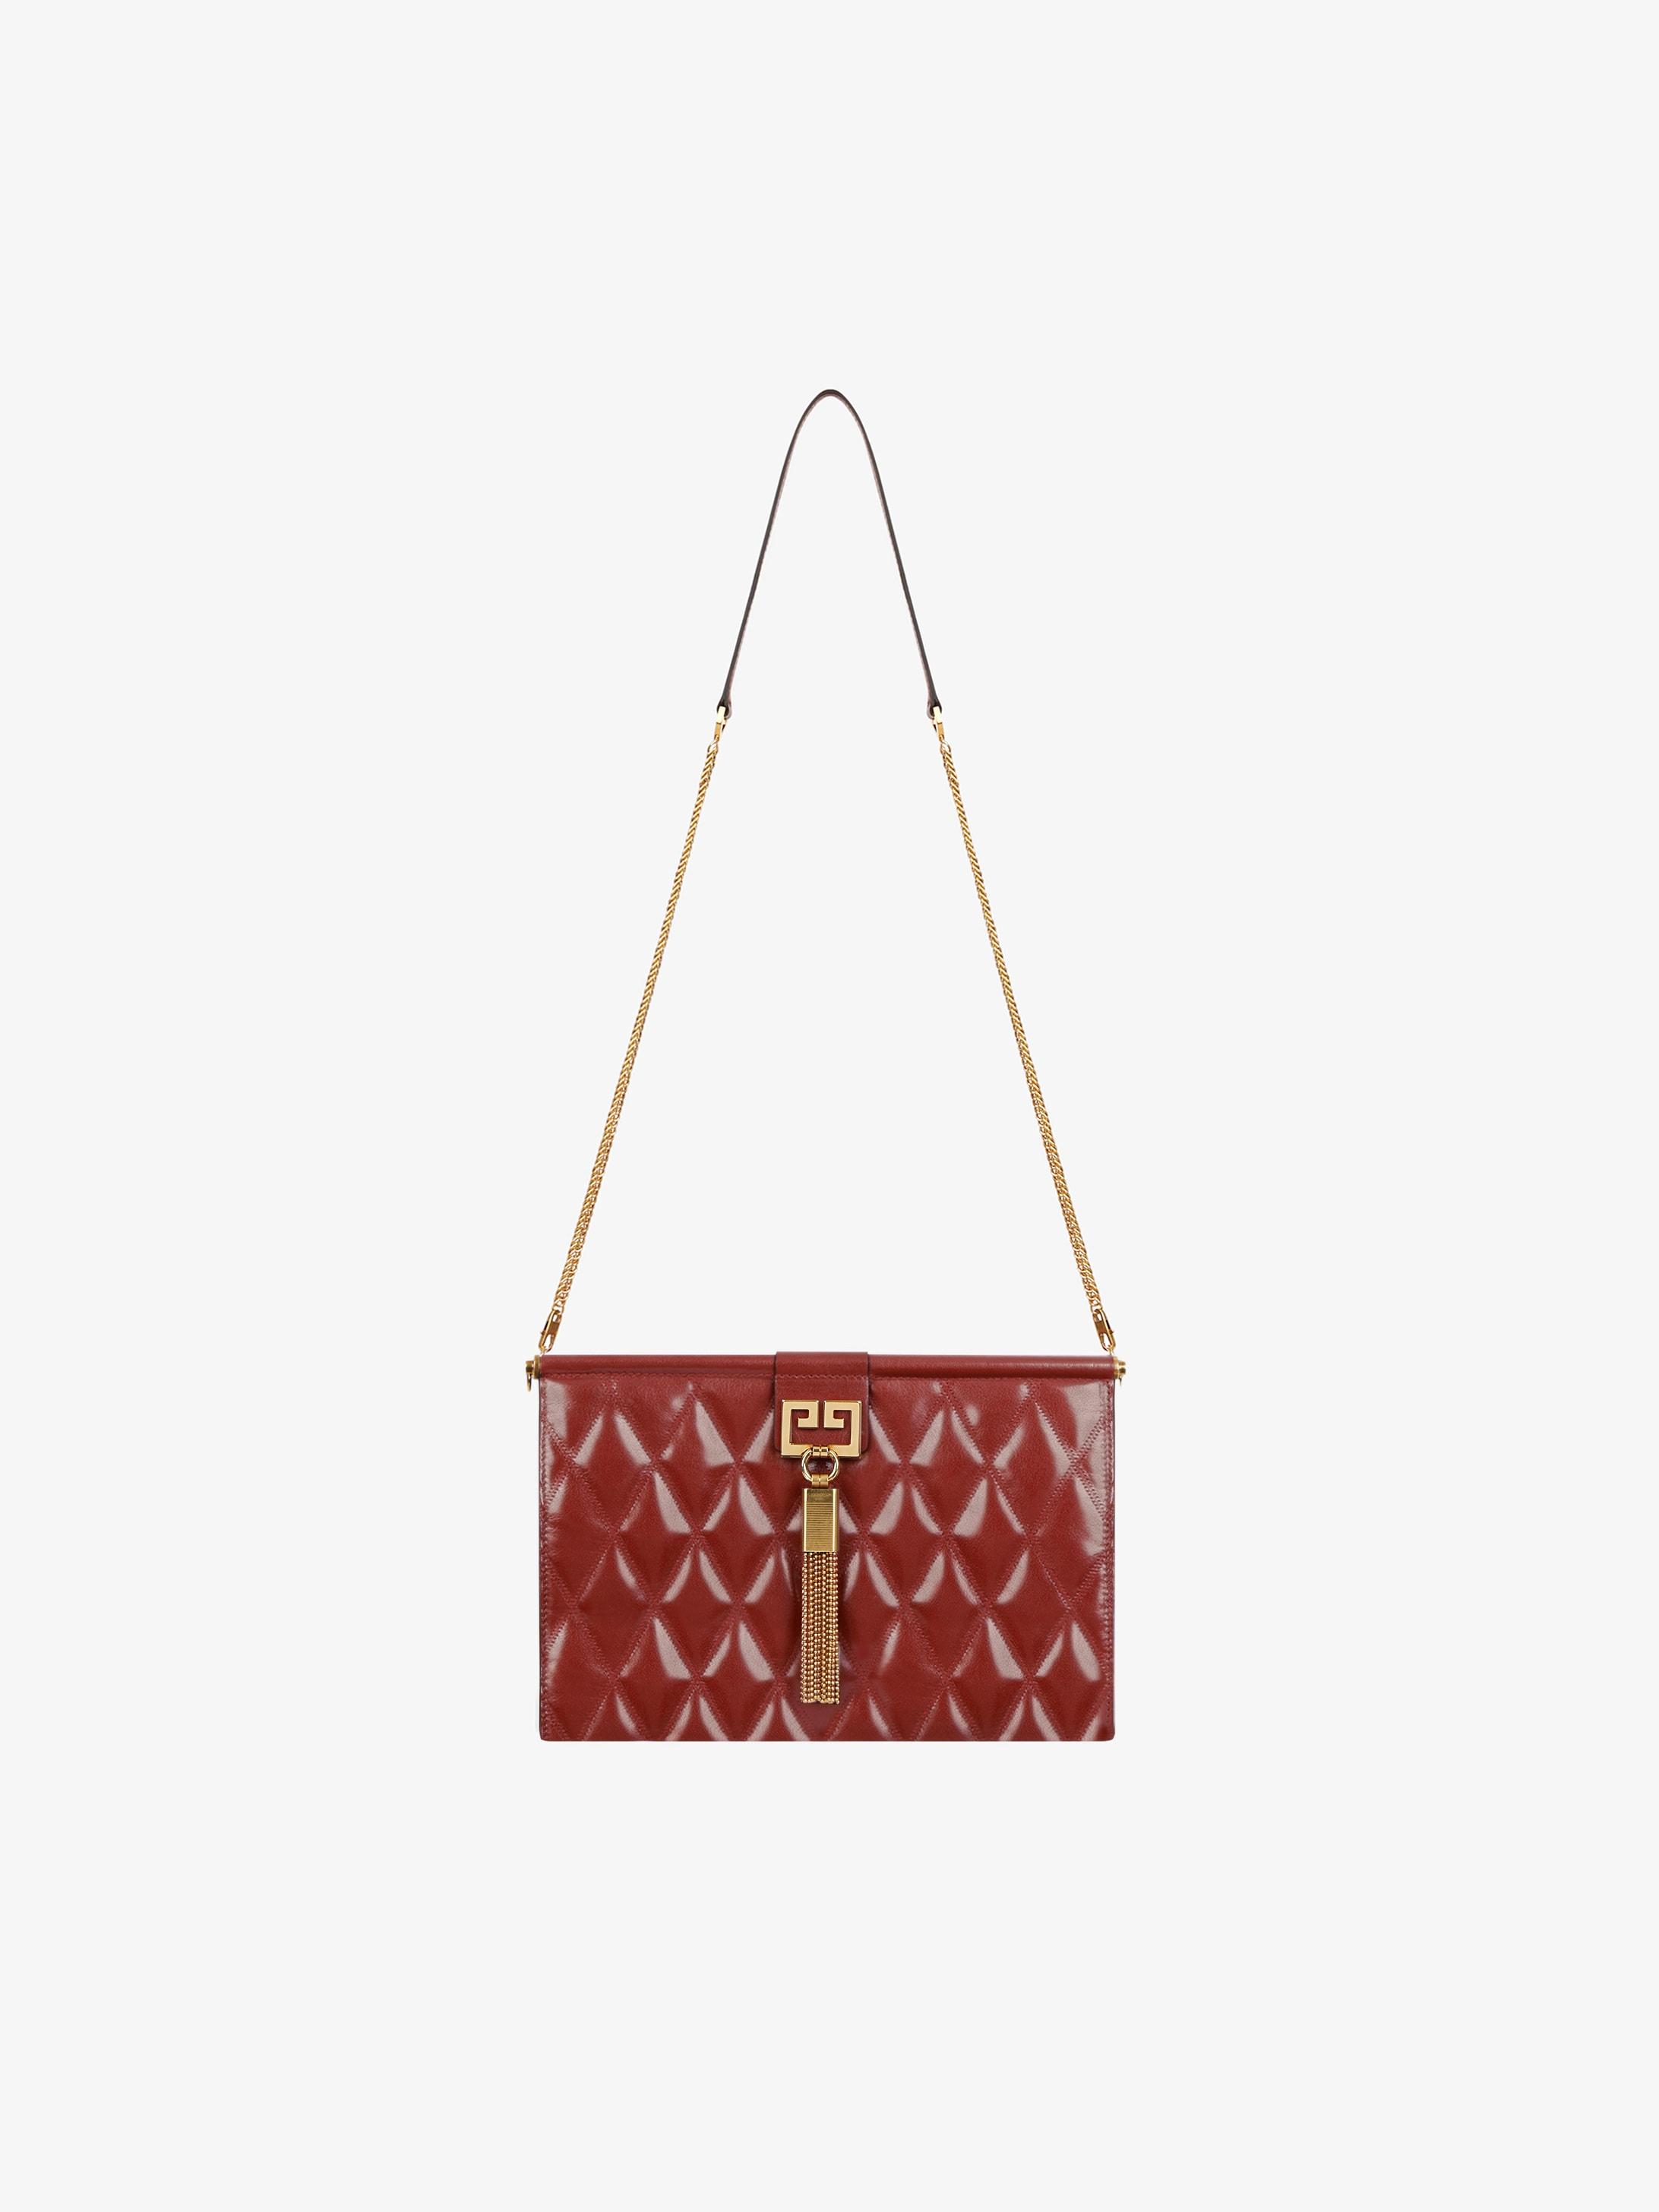 Medium GEM bag in diamond quilted leather